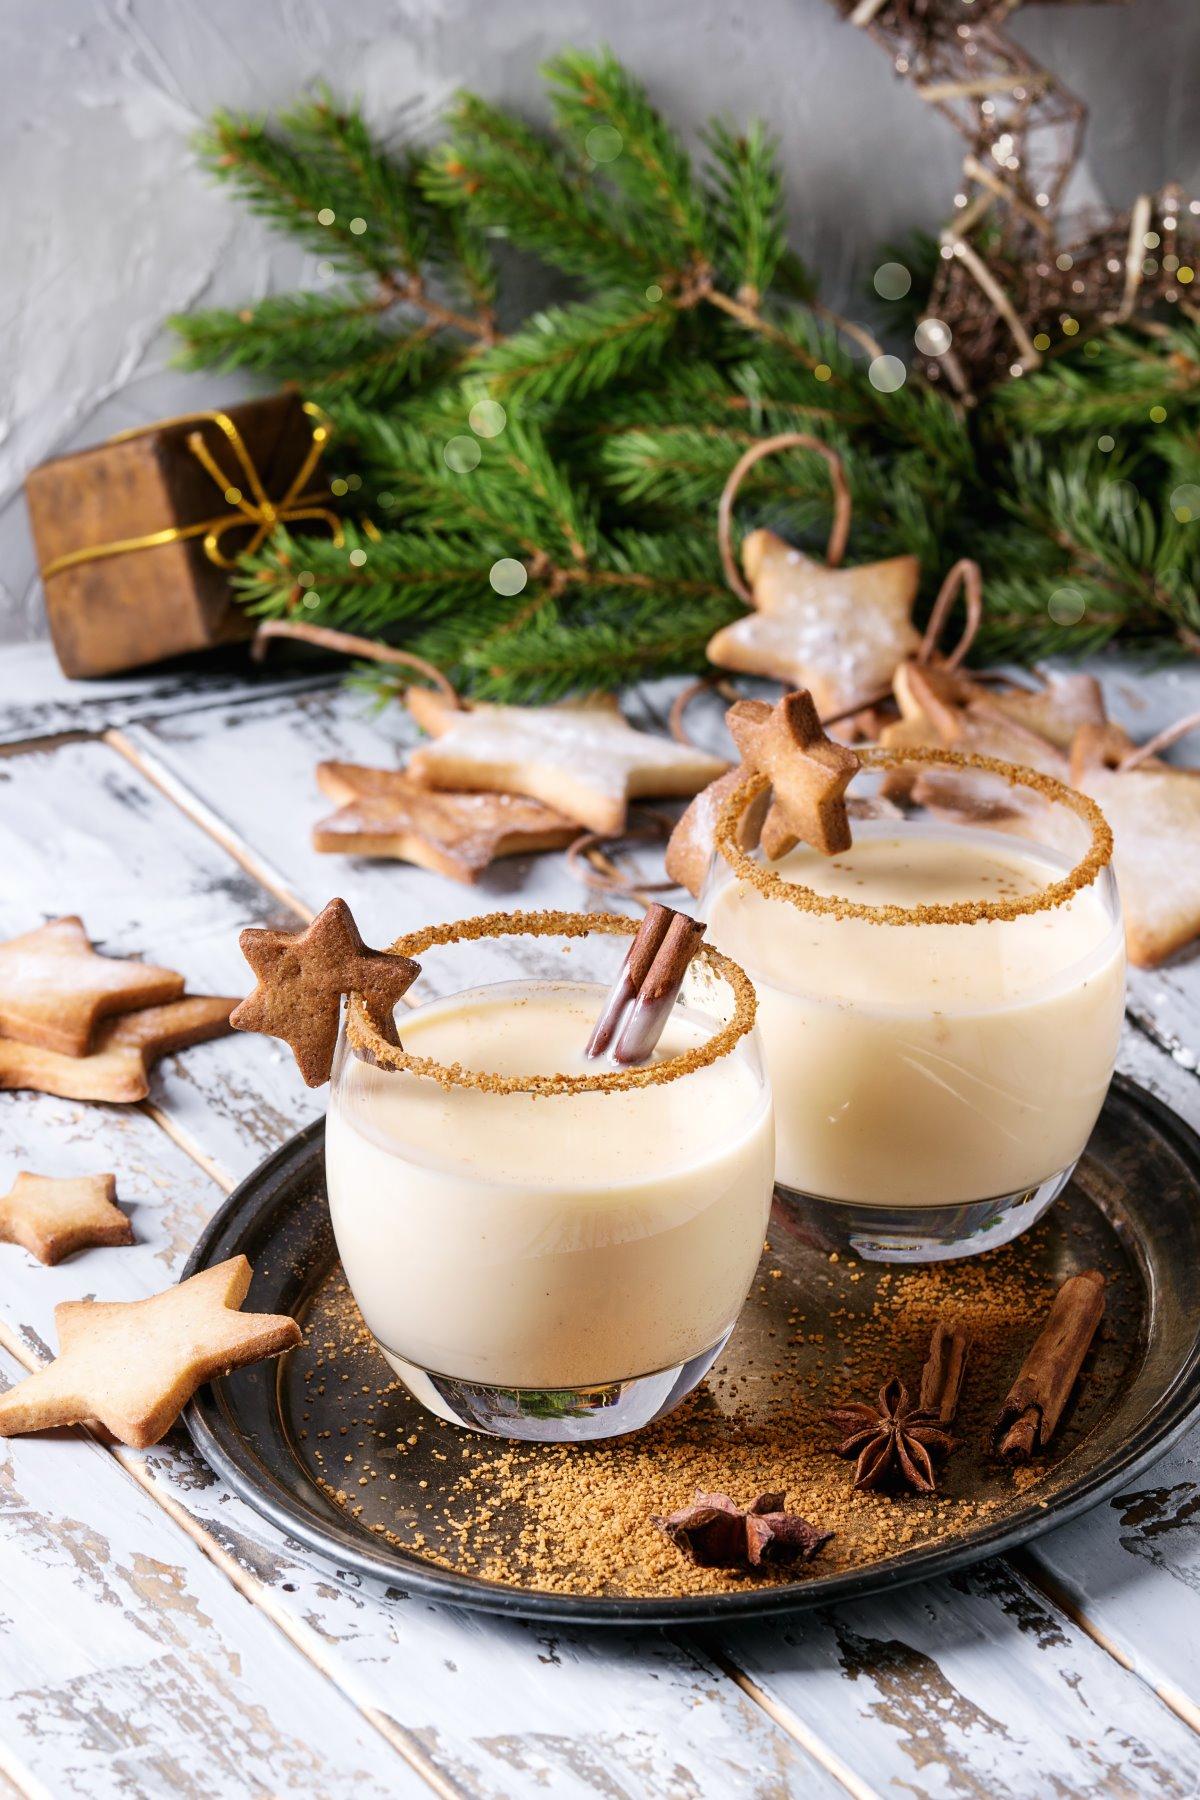 Έγκ νογκ, το ποτό των Χριστουγέννων